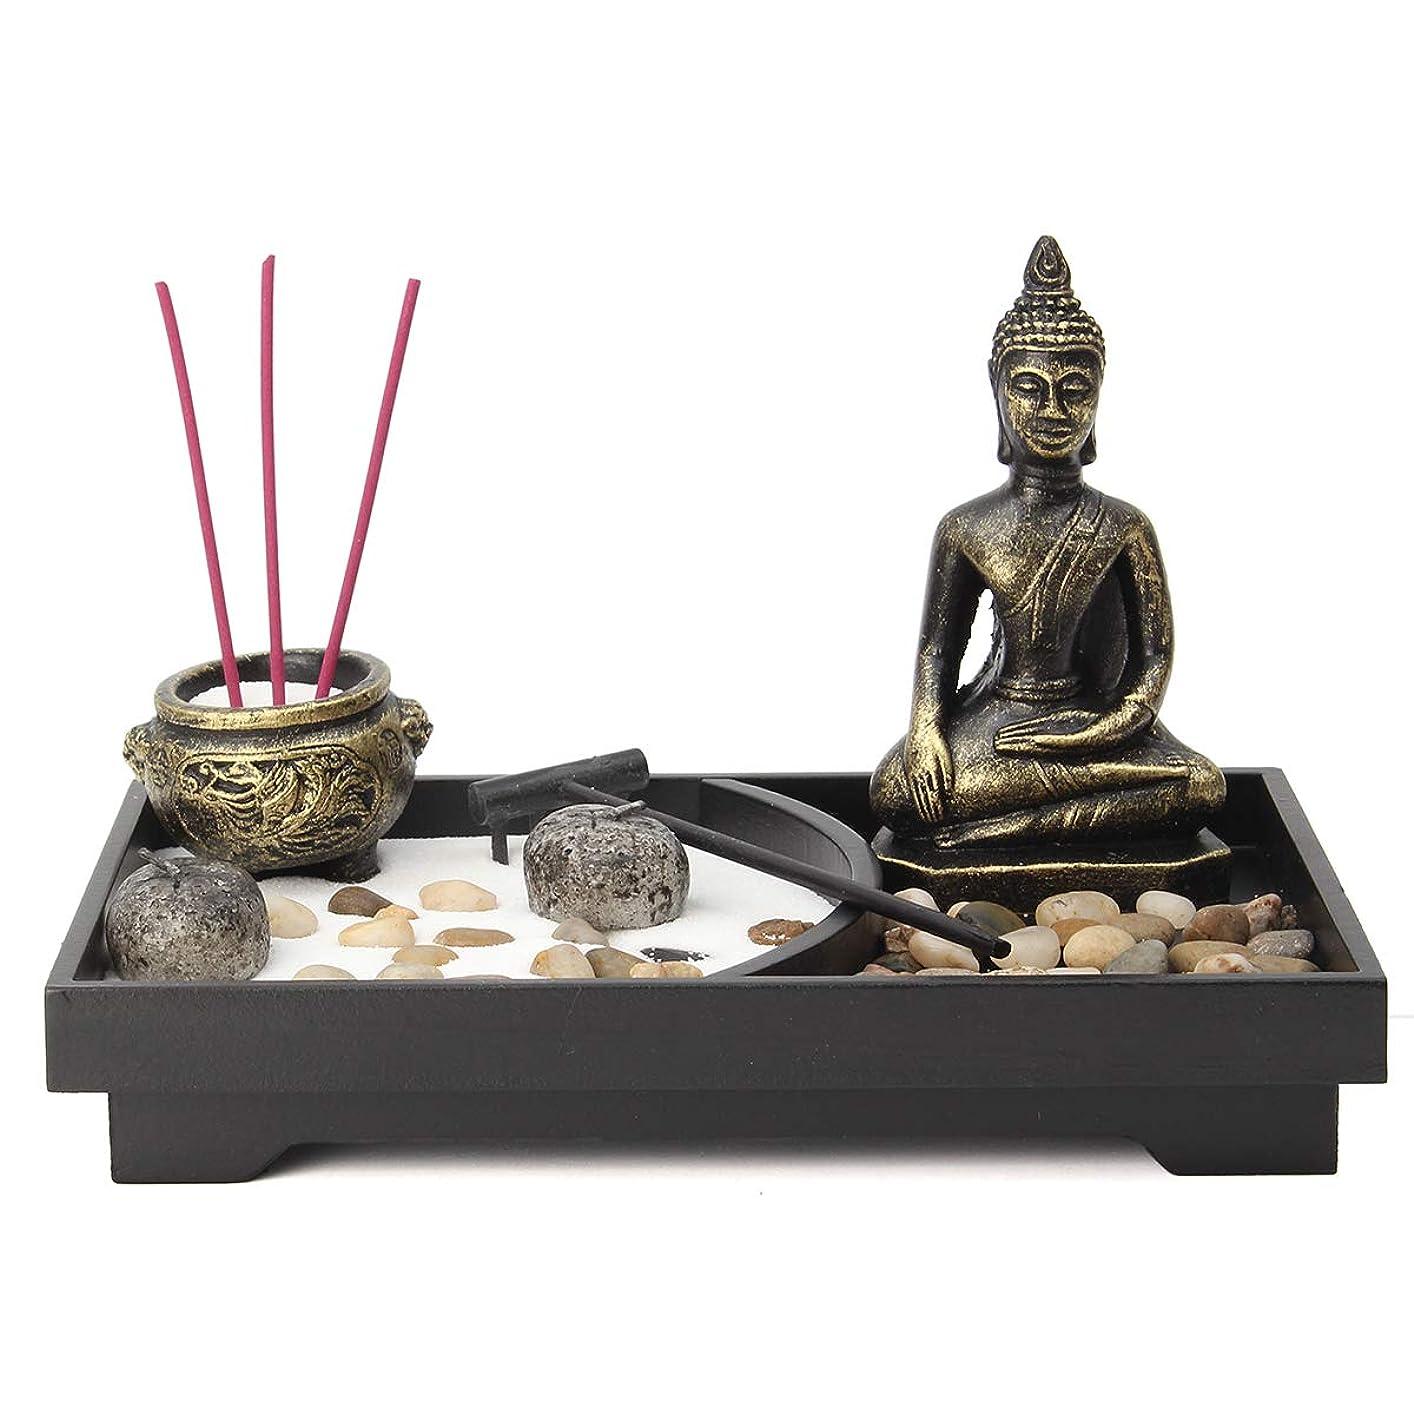 ポーク通信する促すjeteven Buddha Statue Incense Holder Mini瞑想Zen Garden withワックス、お香バーナーホルダースティックホームDecor & Handicraft、8.82?